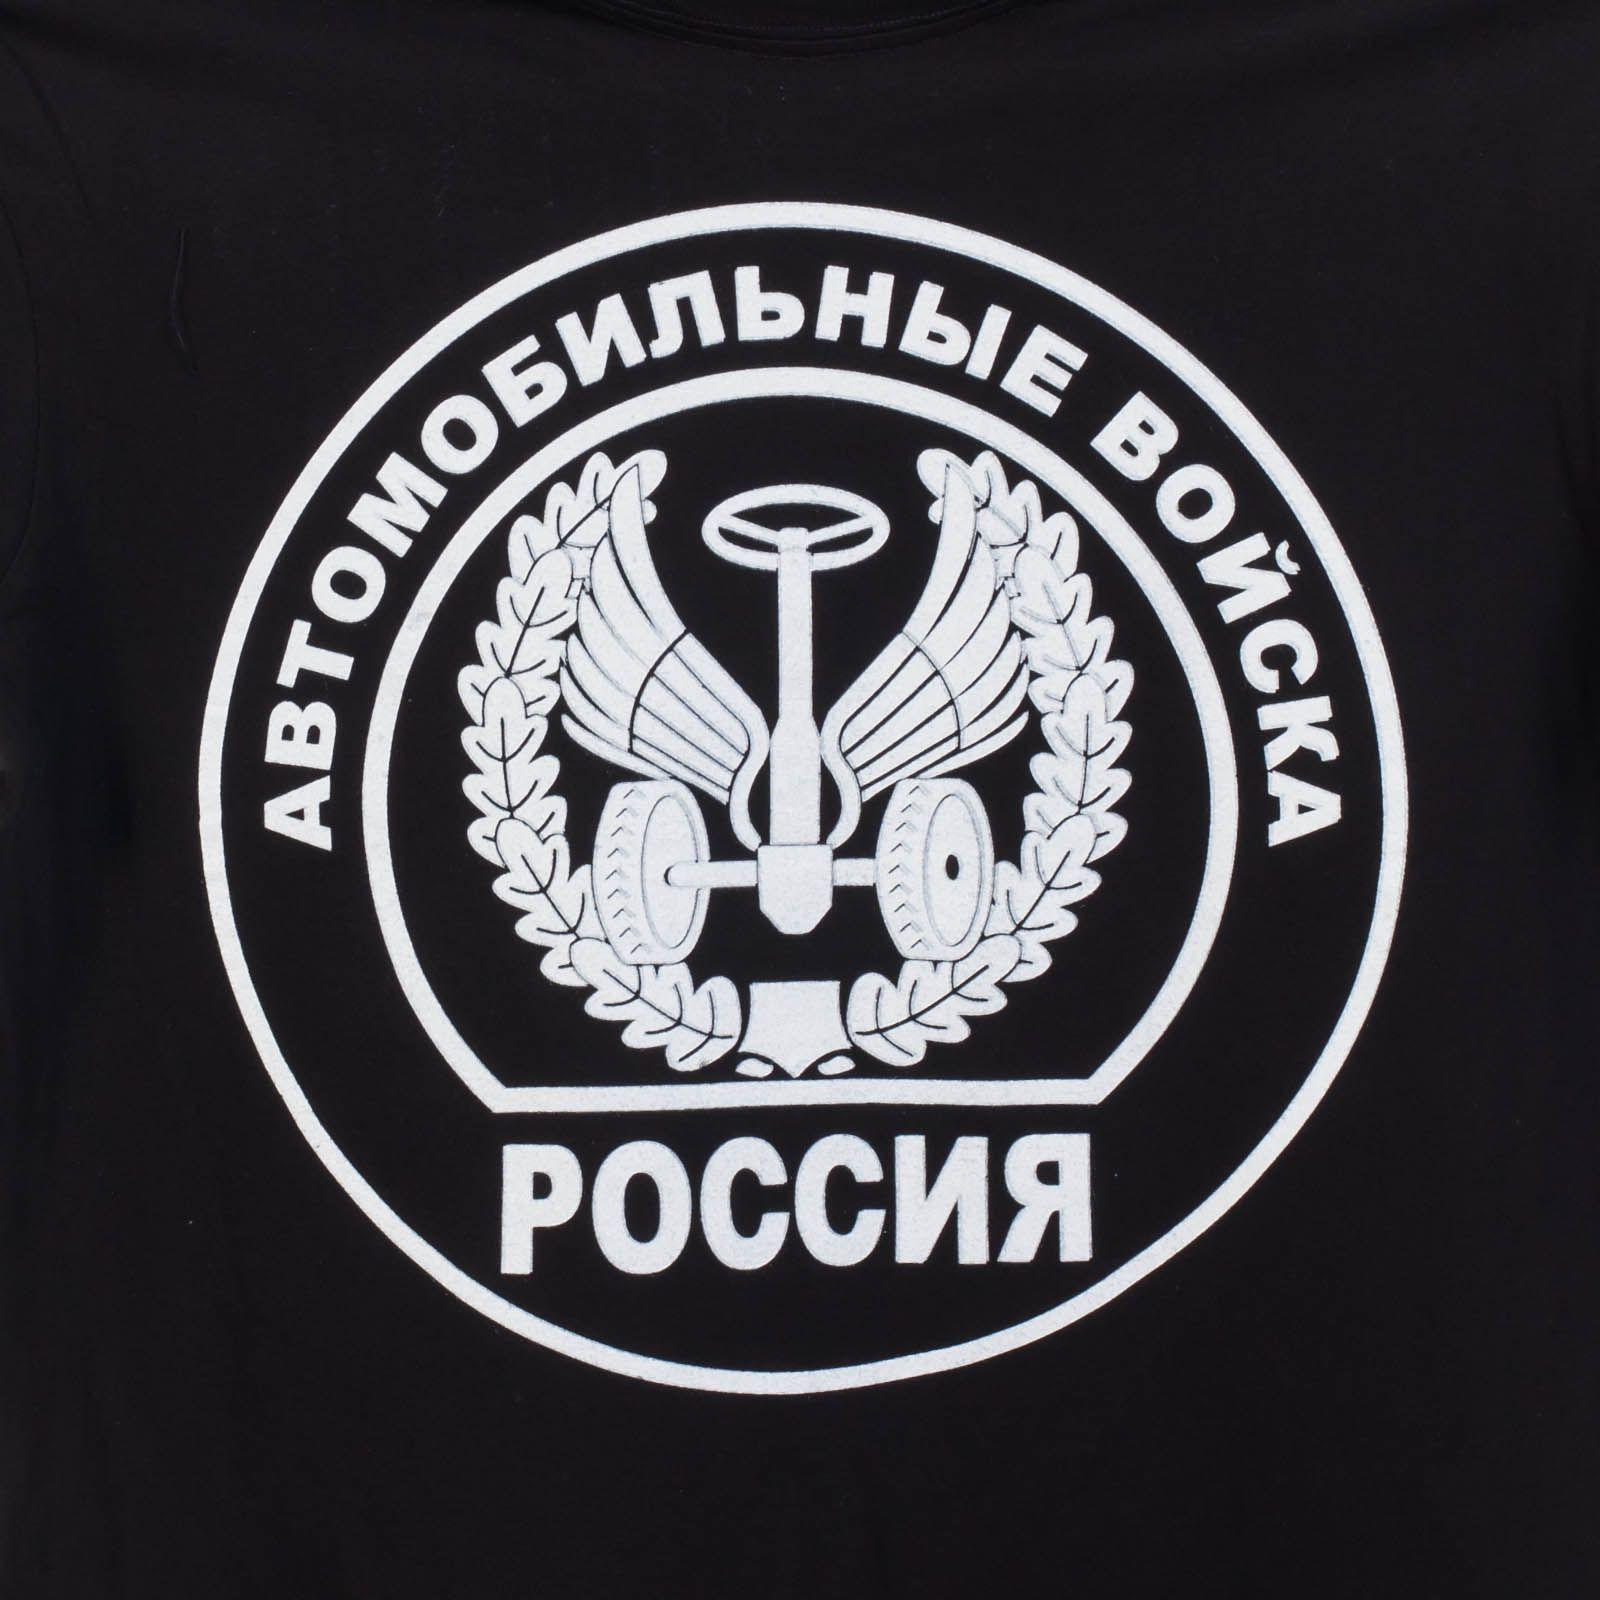 Армейская Футболка «Автомобильные войска» - принт